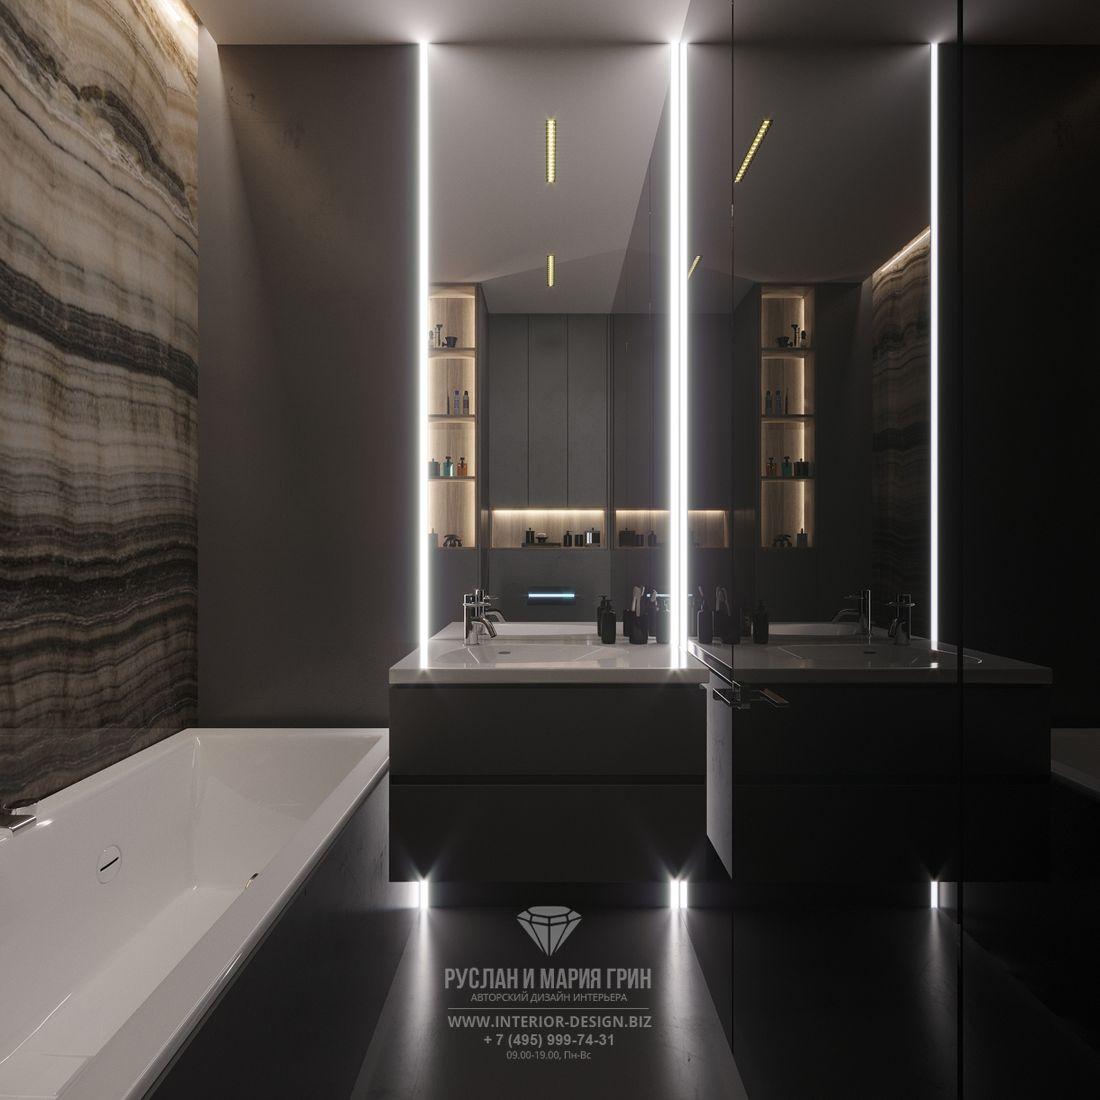 Современный интерьер ванной комнаты с LED-подсветкой